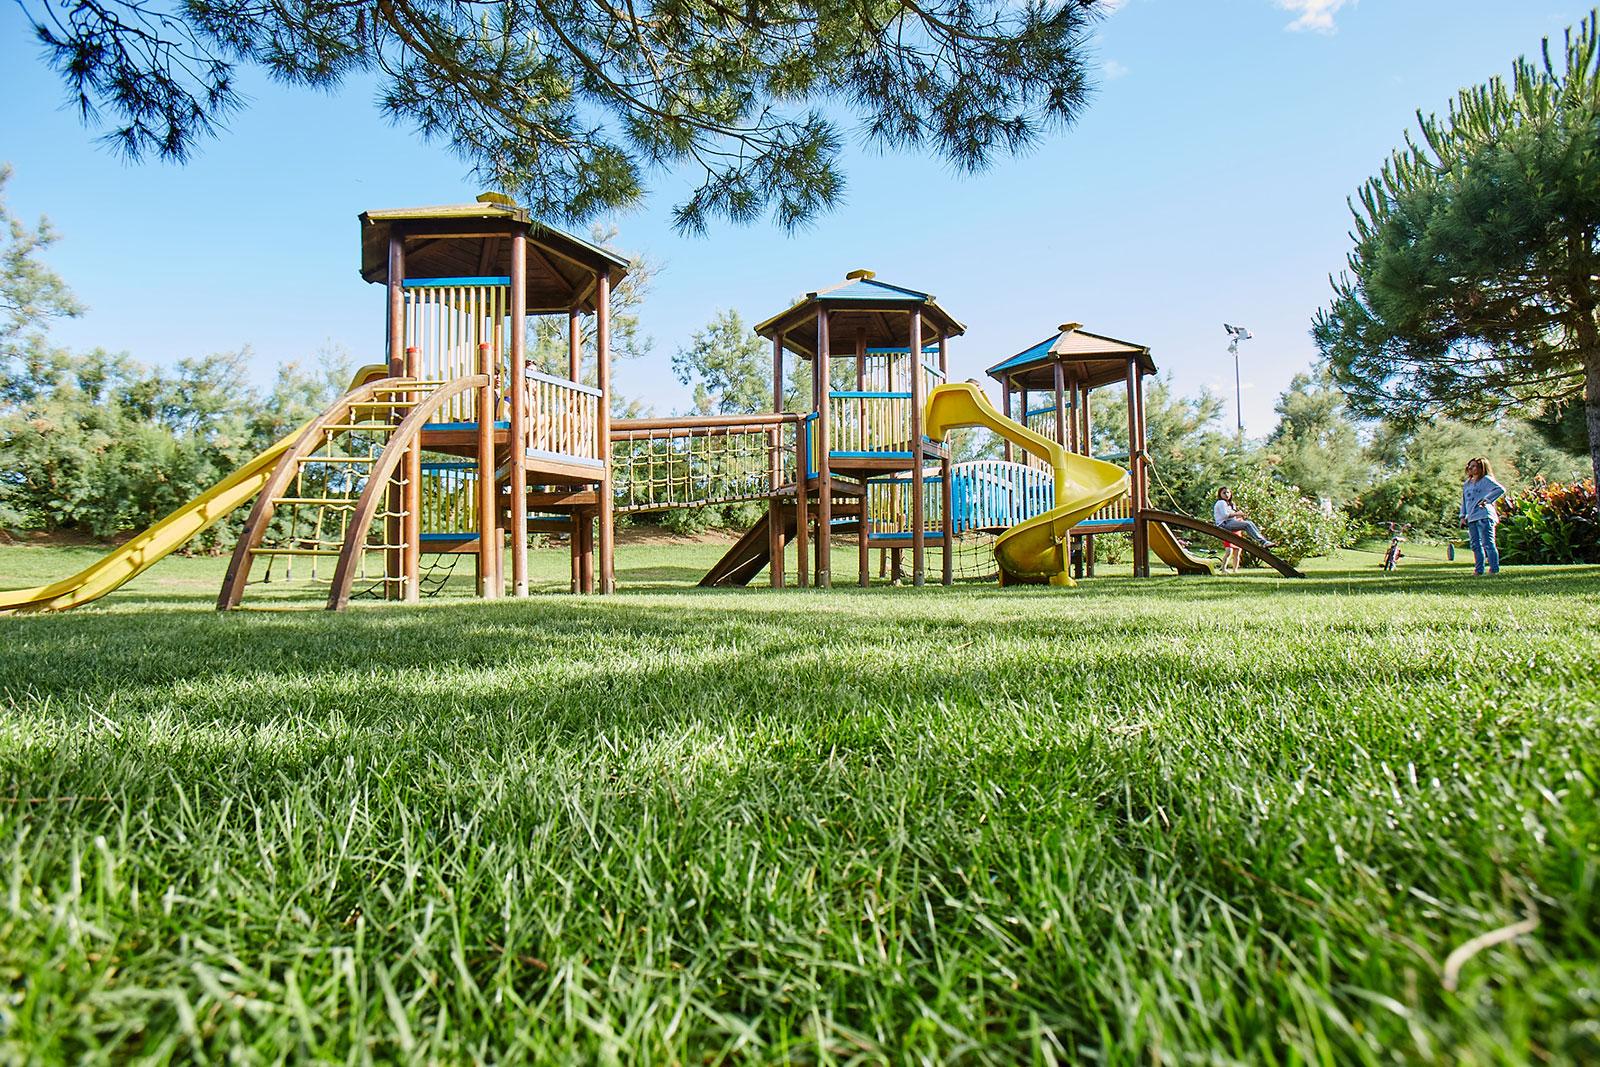 Parco-giochi-bambini-Camping-Village-Dei-Fiori